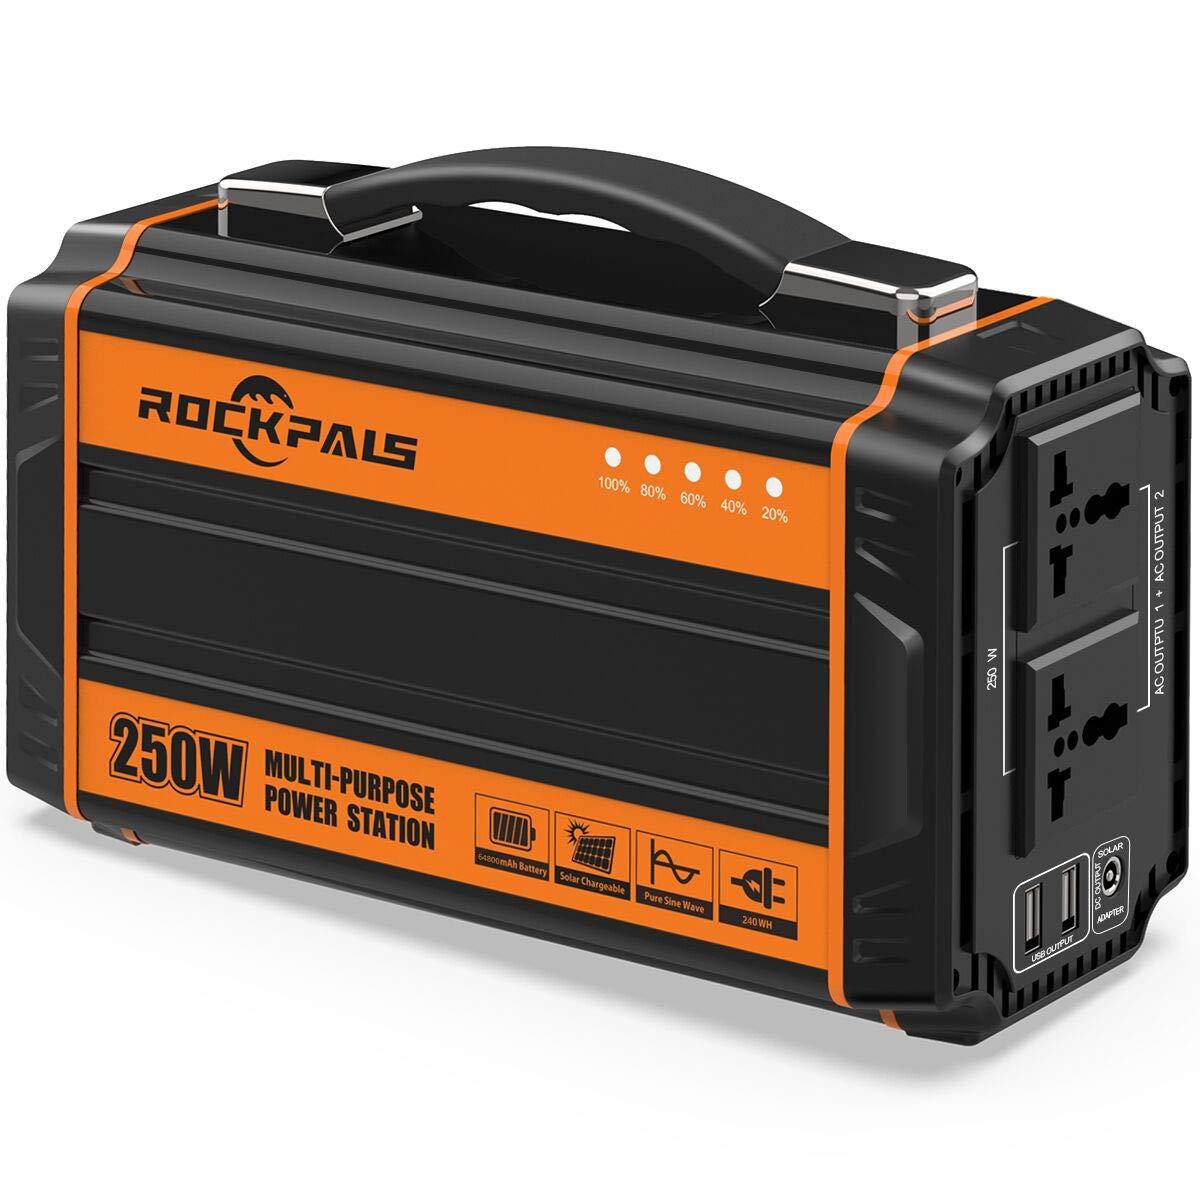 Rockpals 250 Watt Generator Rechargeable Emergency